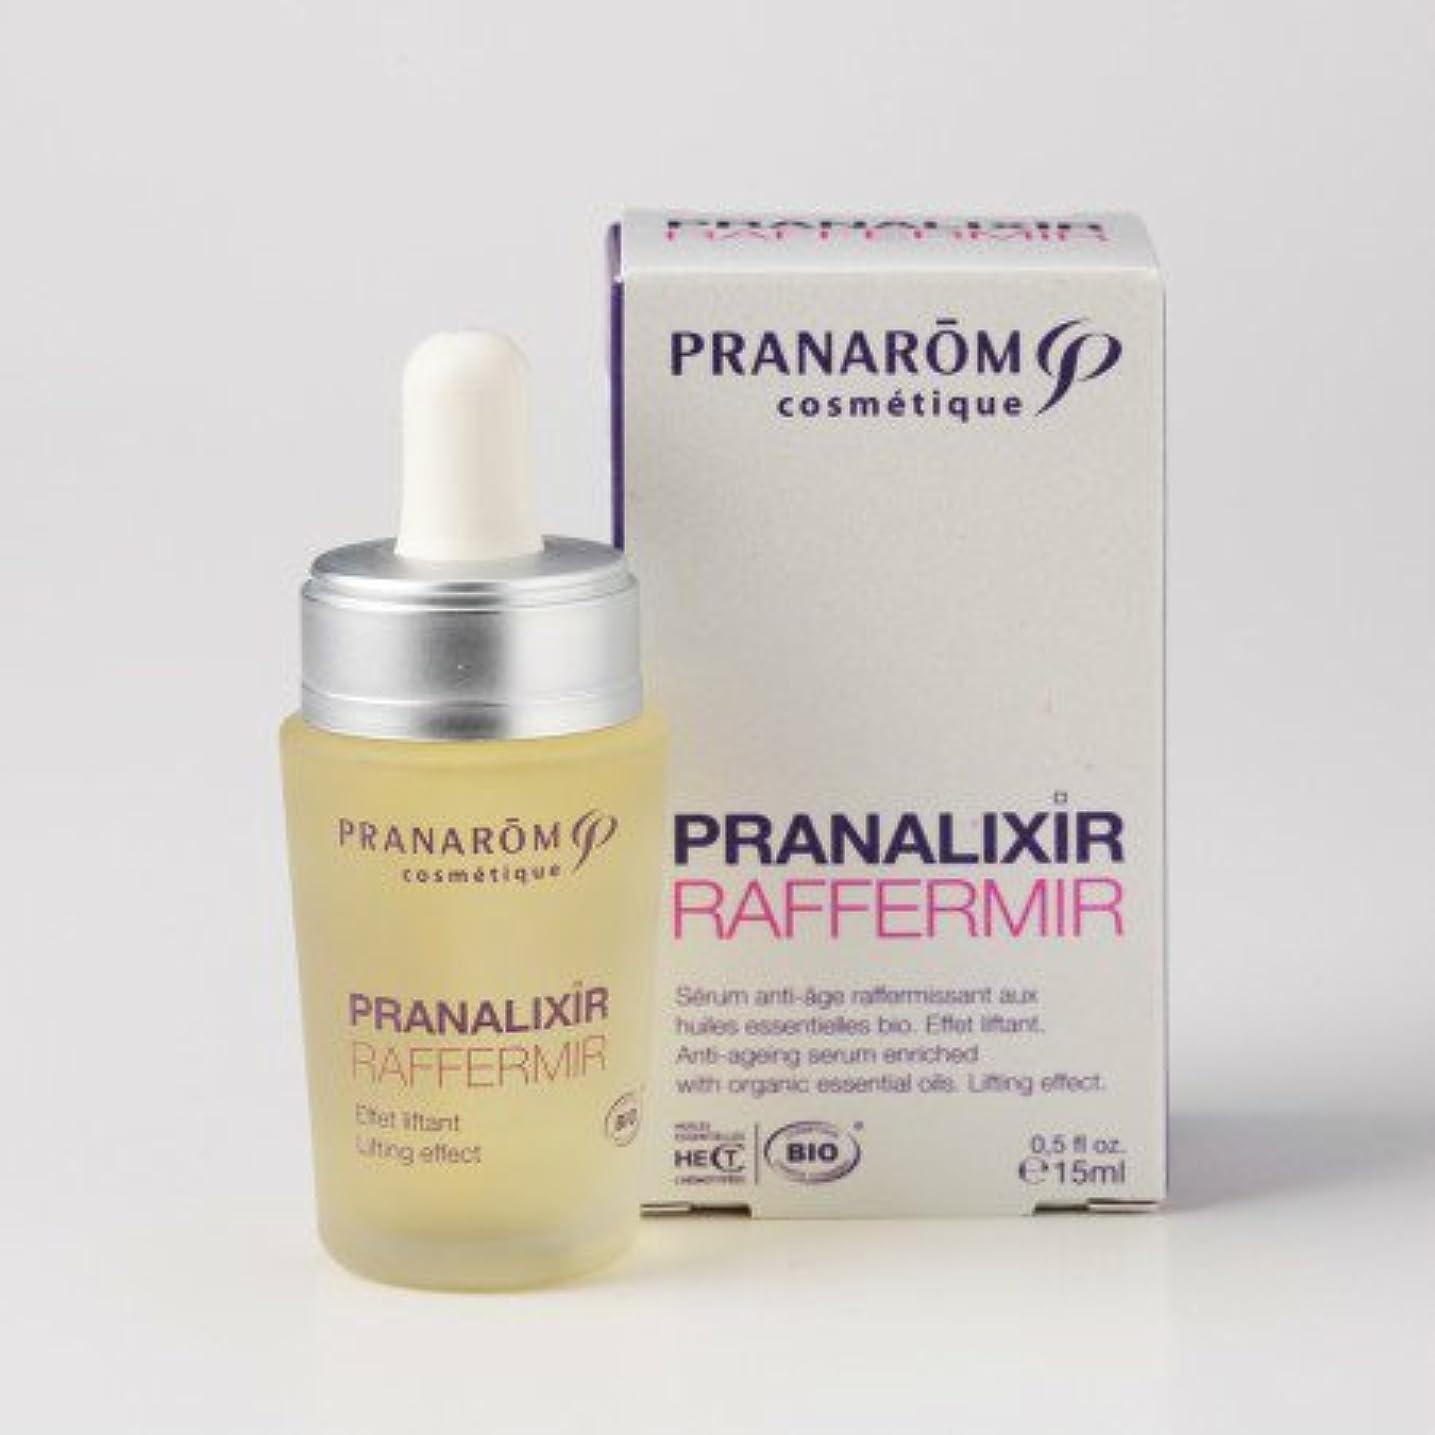 放棄バラエティ離すプラナロム プラナリキシア ラフェルミア 15ml エイジングケア (PRANAROM 美容液 プラナリキシア)